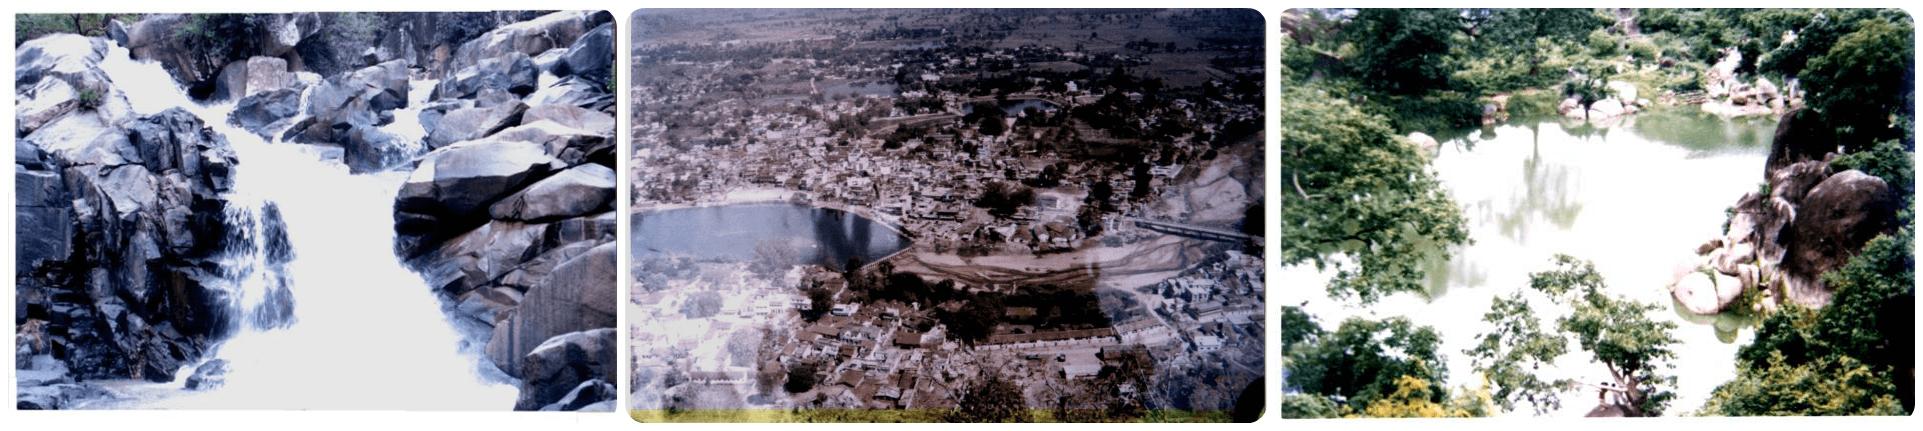 कांकेर जिला पहाड़ी क्षेत्र